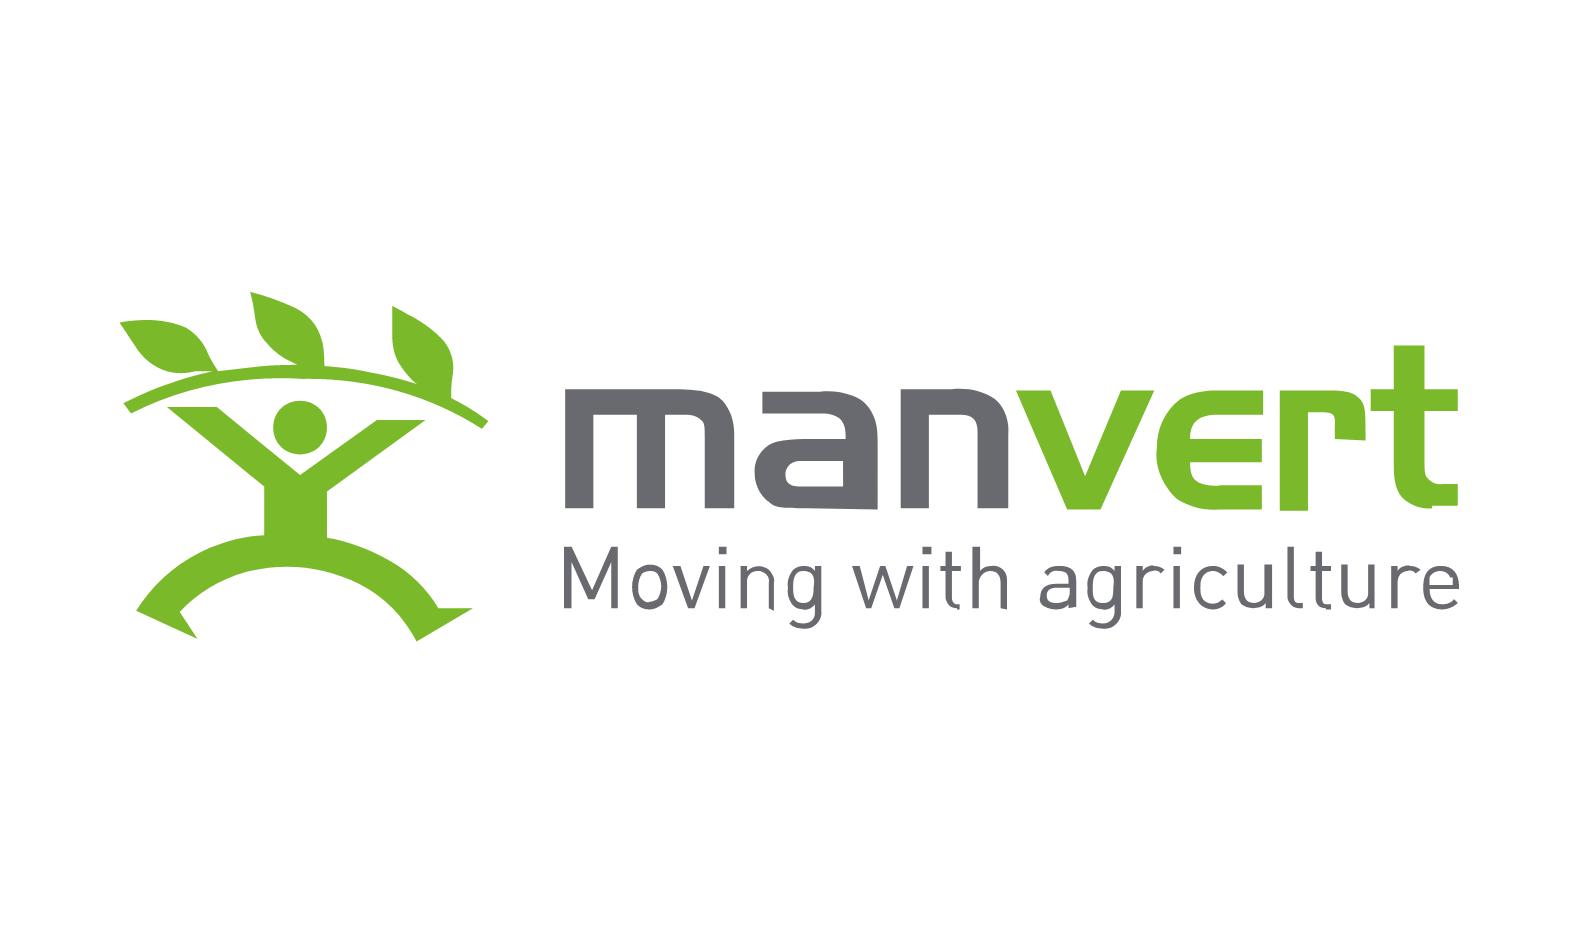 Biovert logo